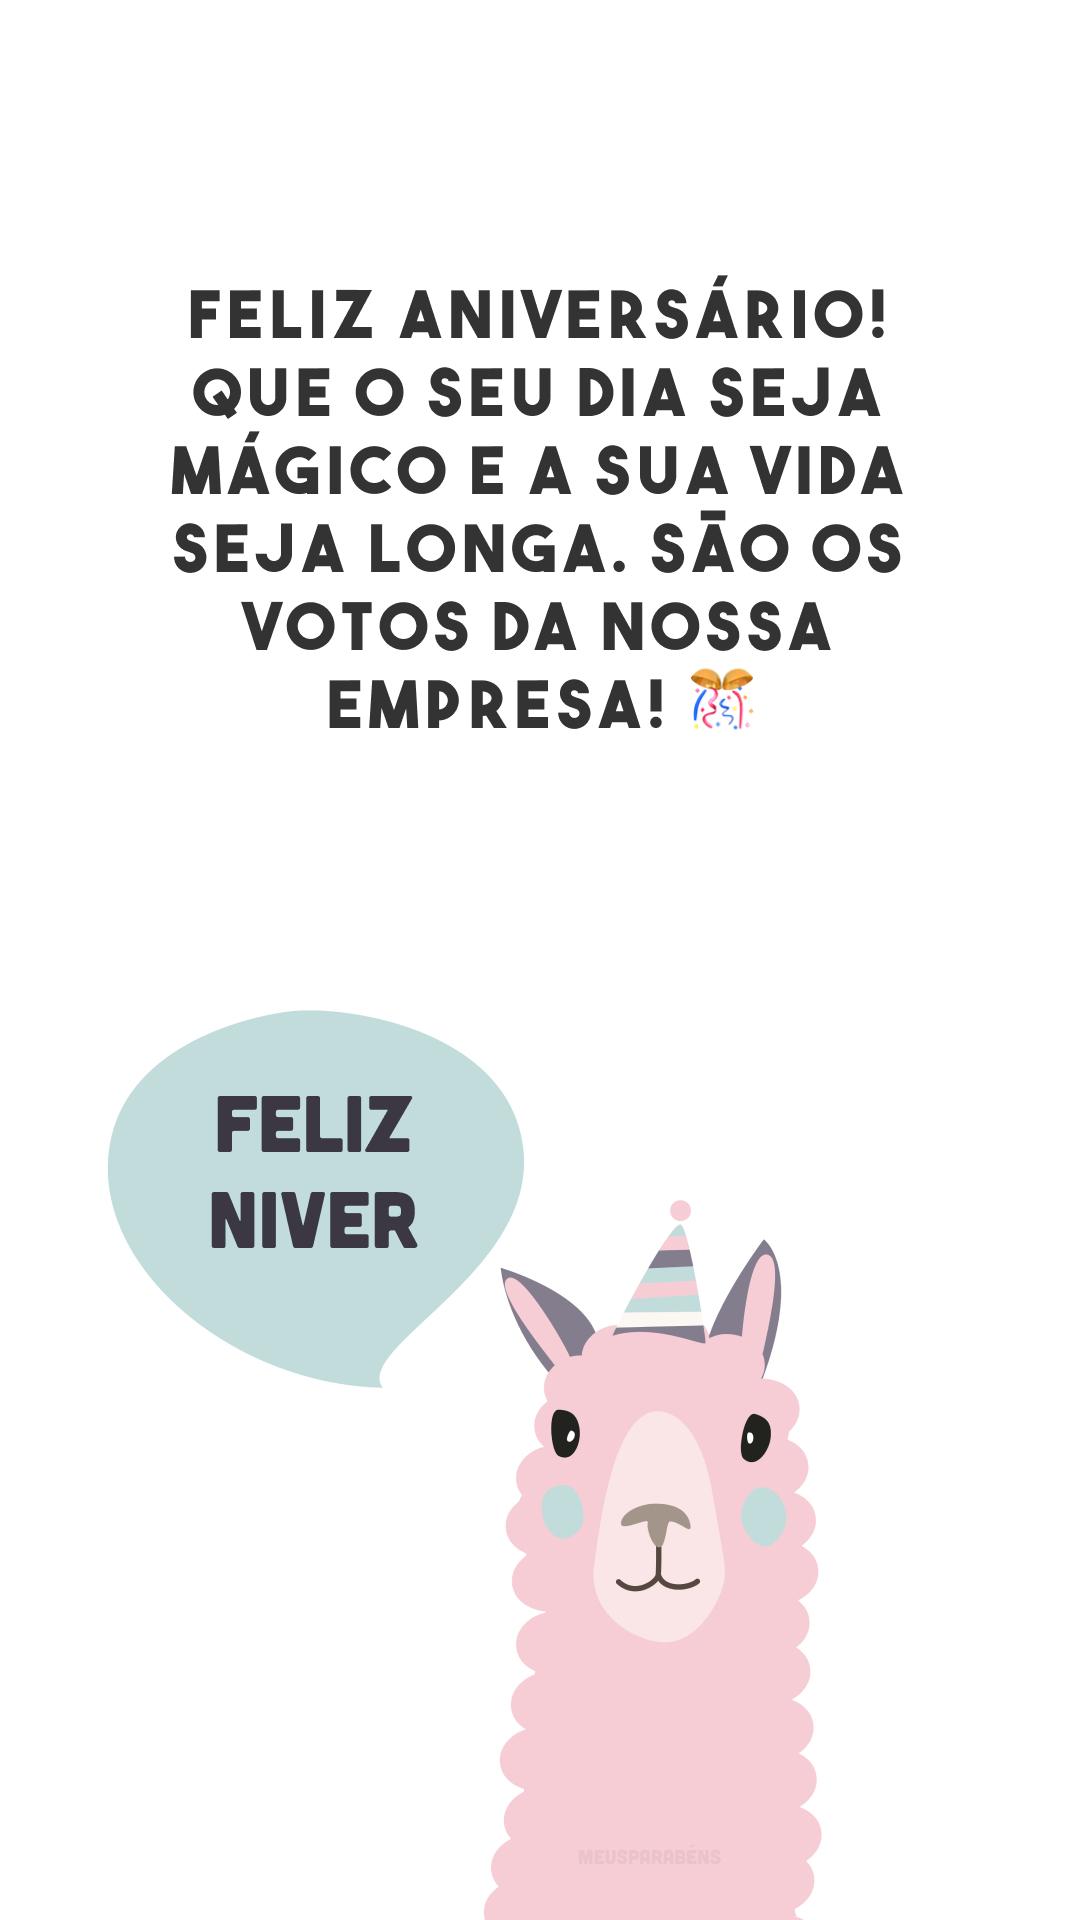 Feliz aniversário! Que o seu dia seja mágico e a sua vida seja longa. São os votos da nossa empresa! 🎊